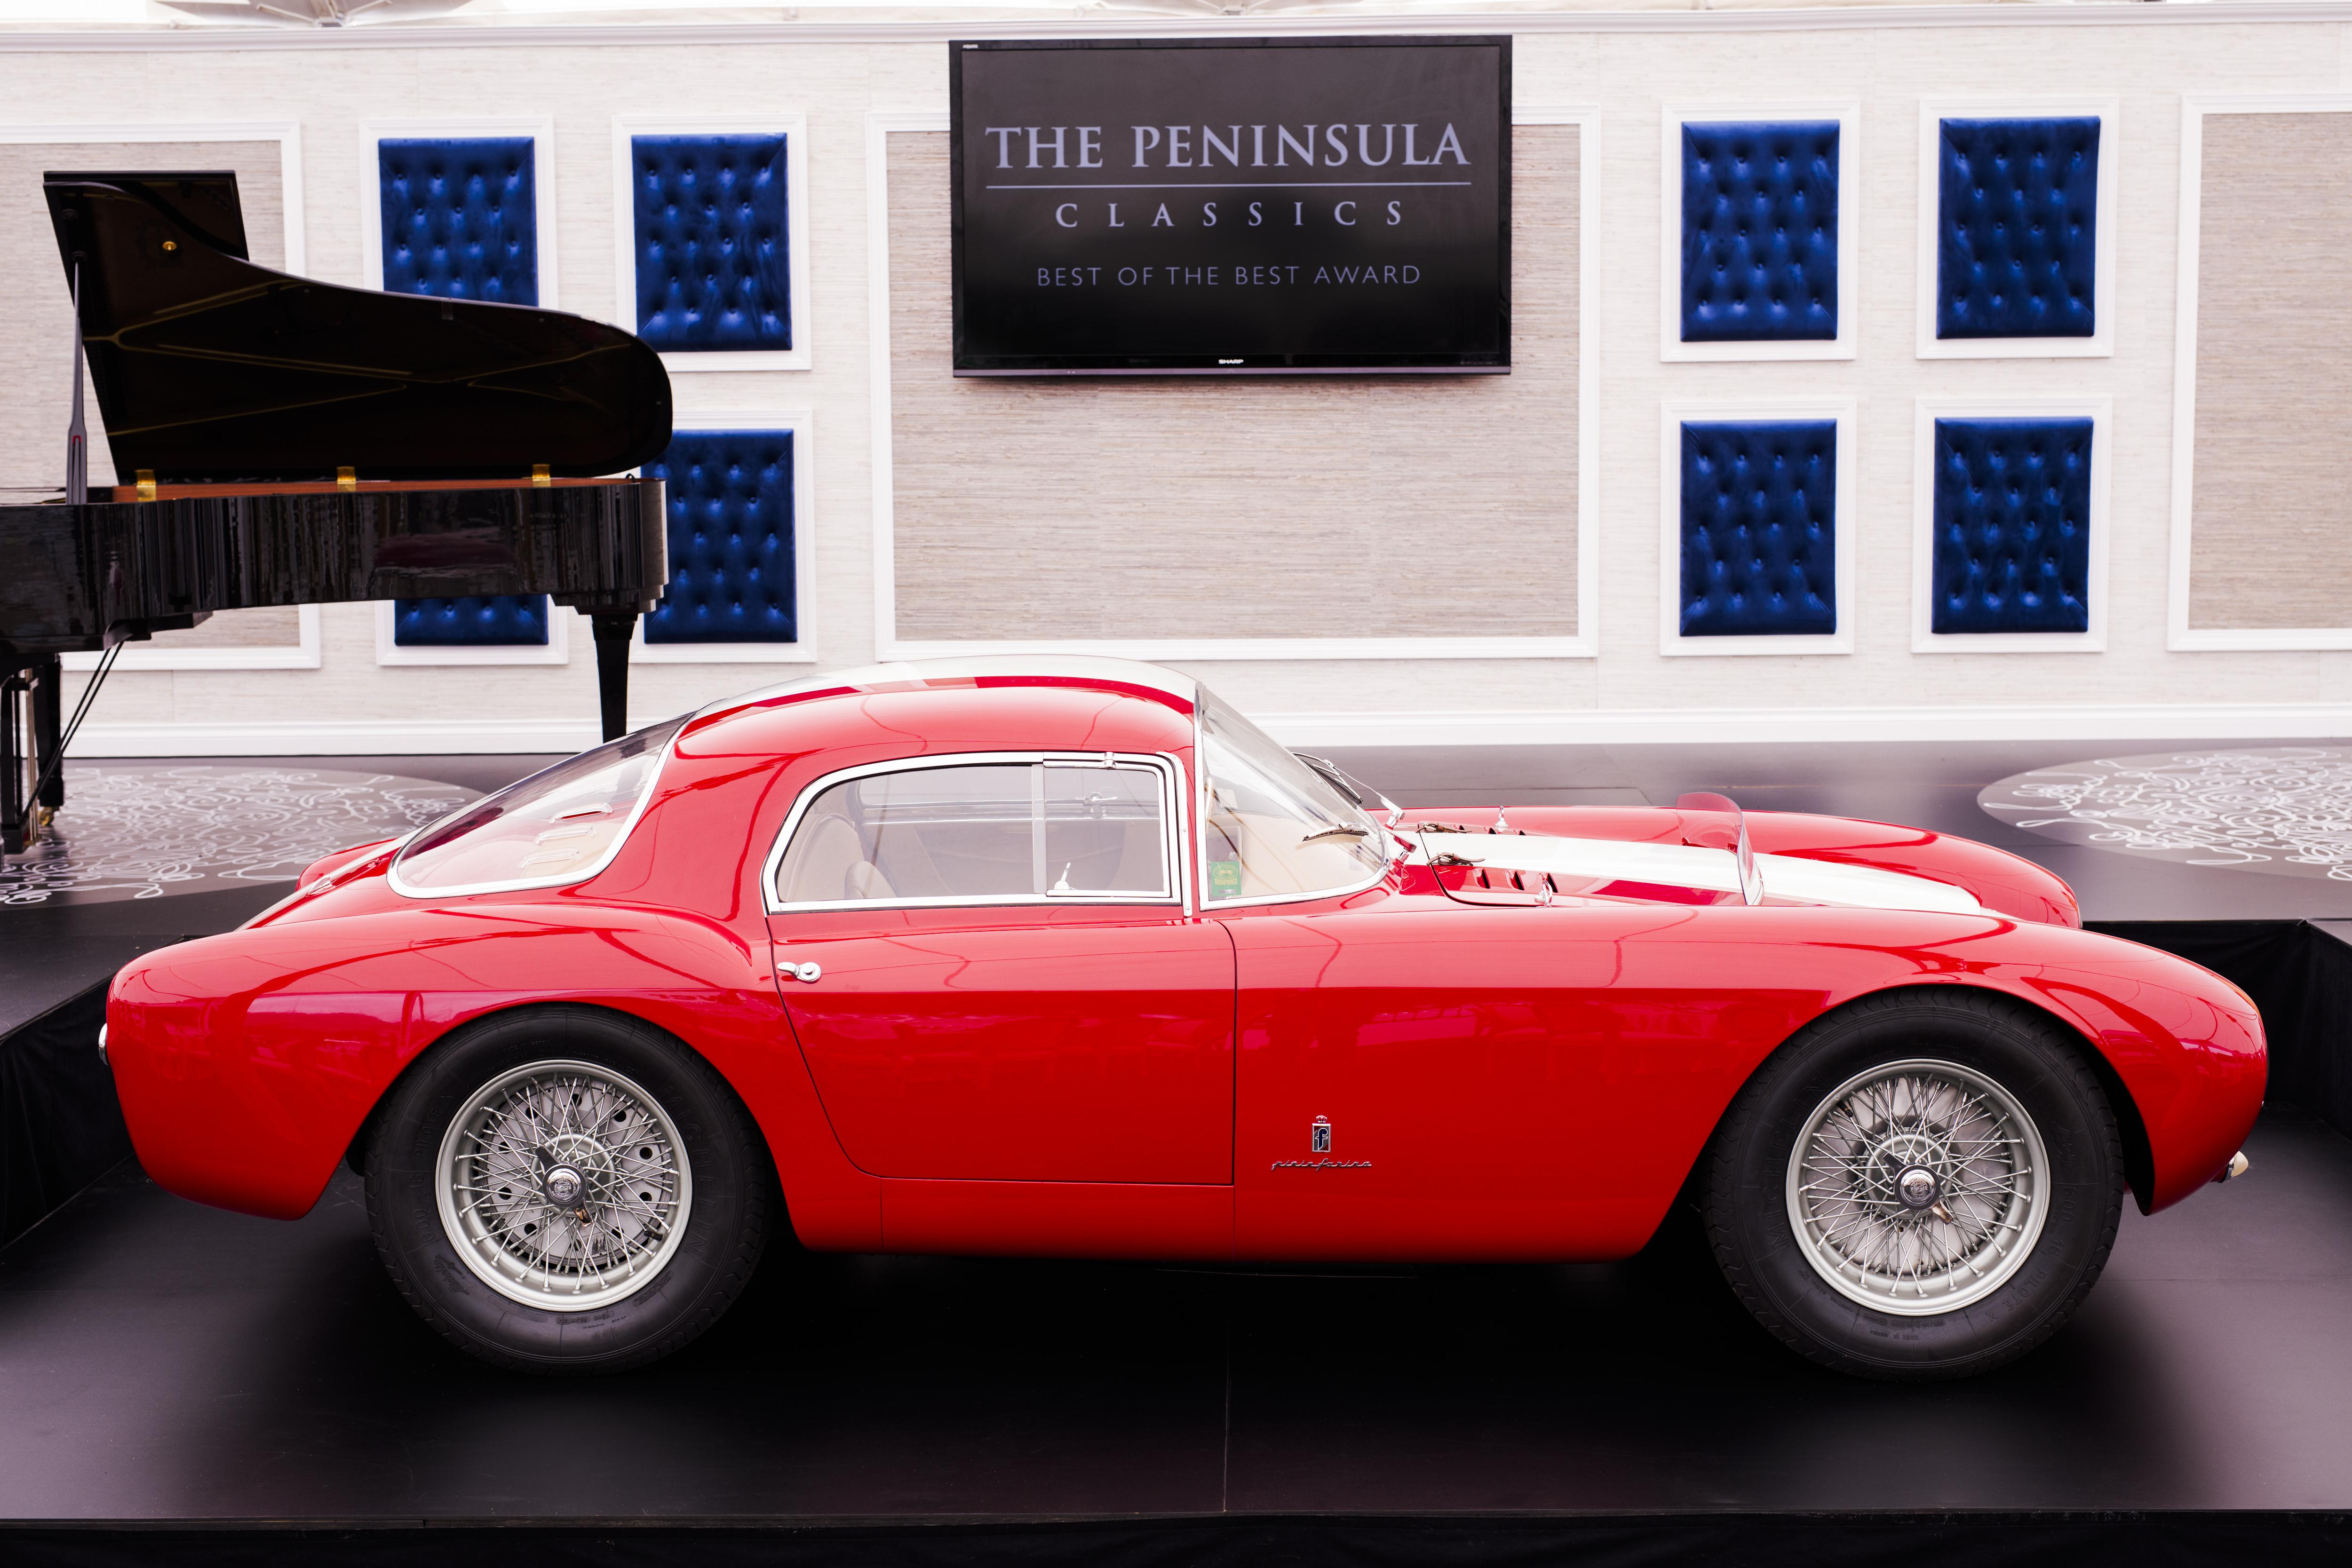 le prix peninsula classics best of the best 2016 revient une maserati a6gcs 53 berlinetta de. Black Bedroom Furniture Sets. Home Design Ideas